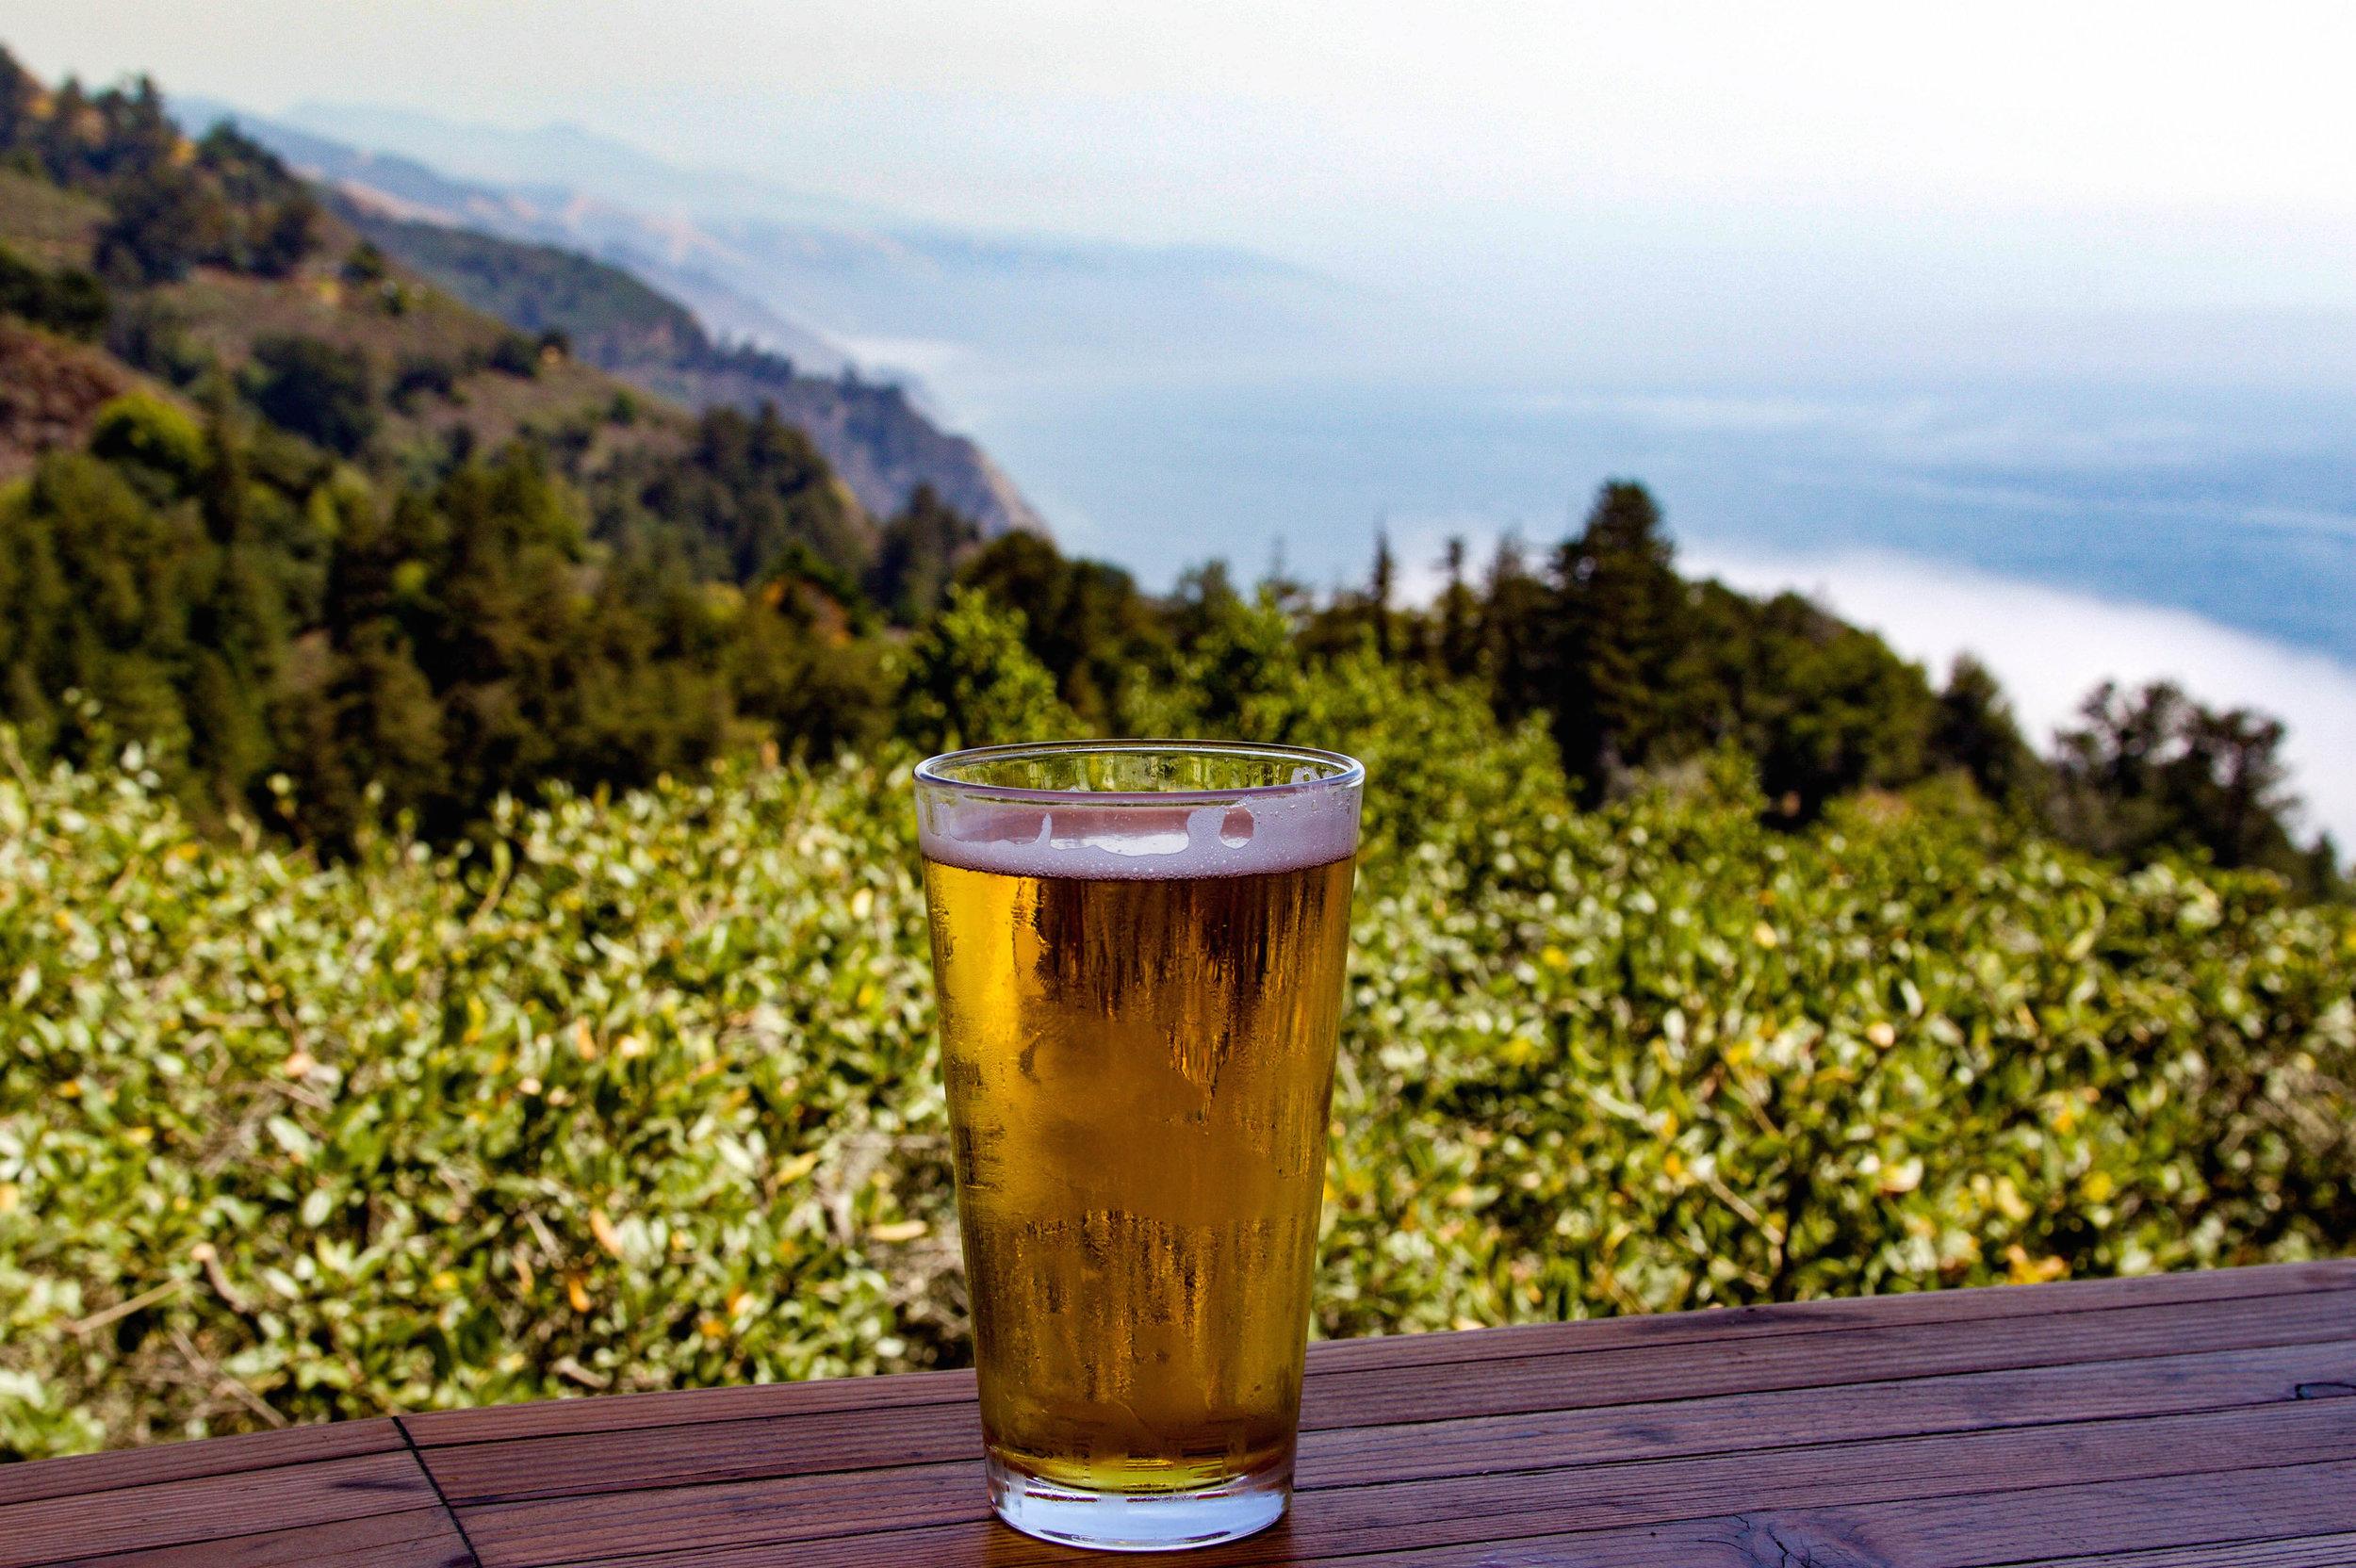 Nepenthe overlook in Big Sur